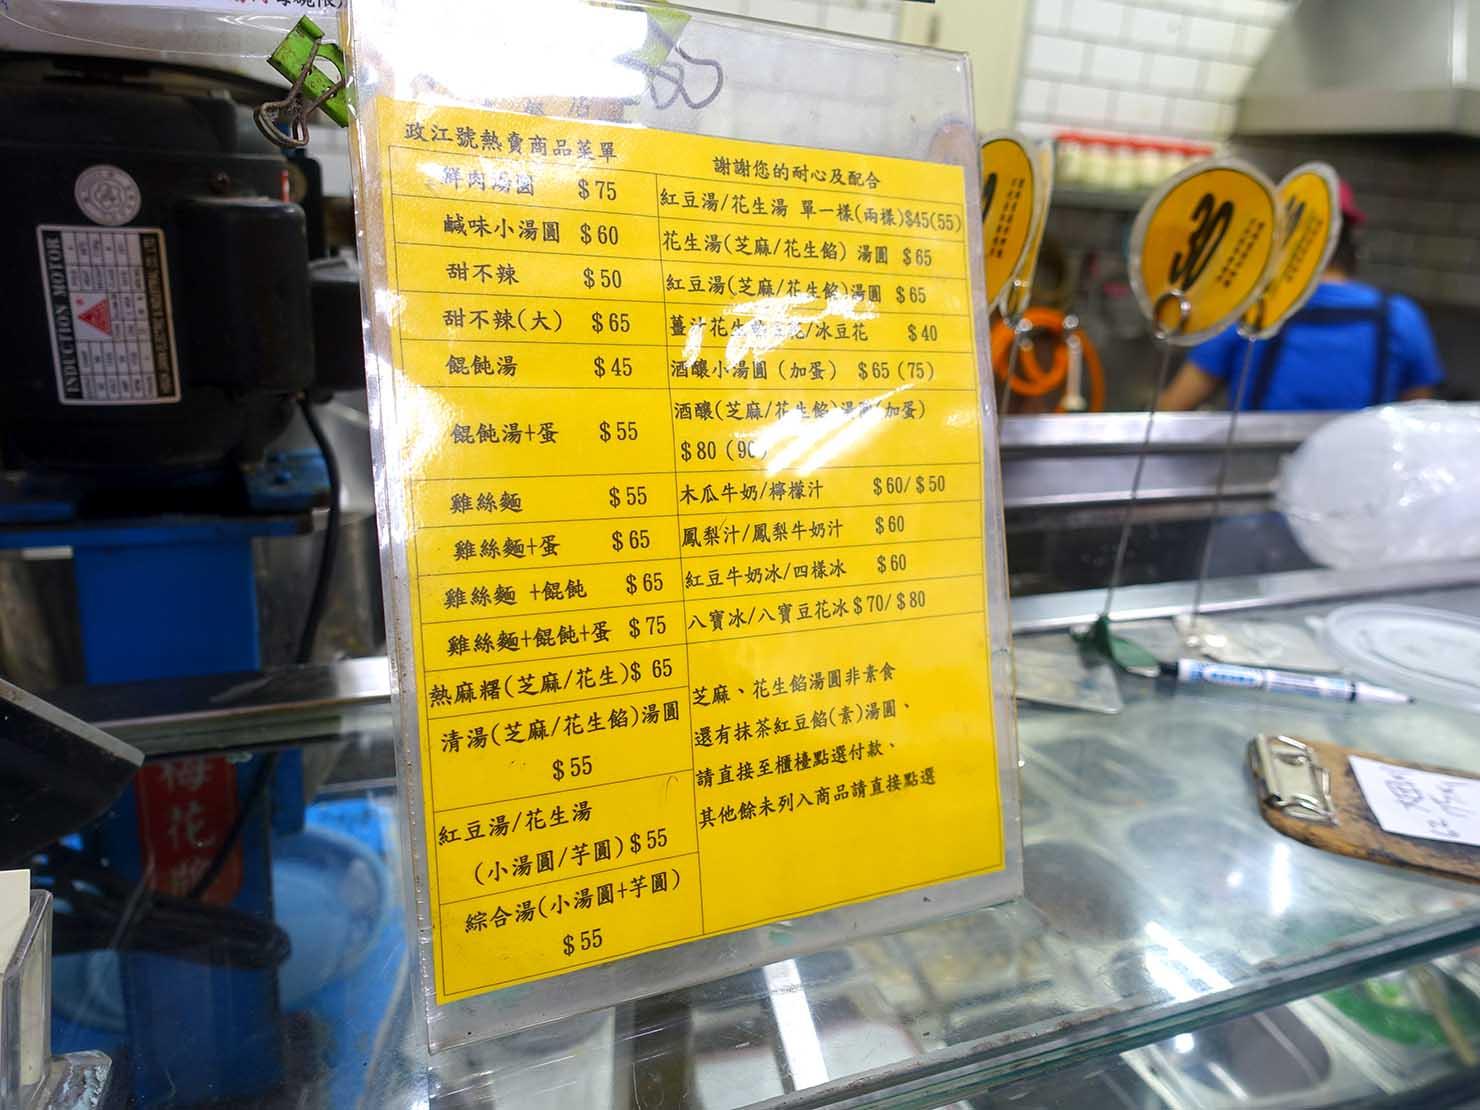 台北・東門のおすすめグルメ店「政江號」のメニュー